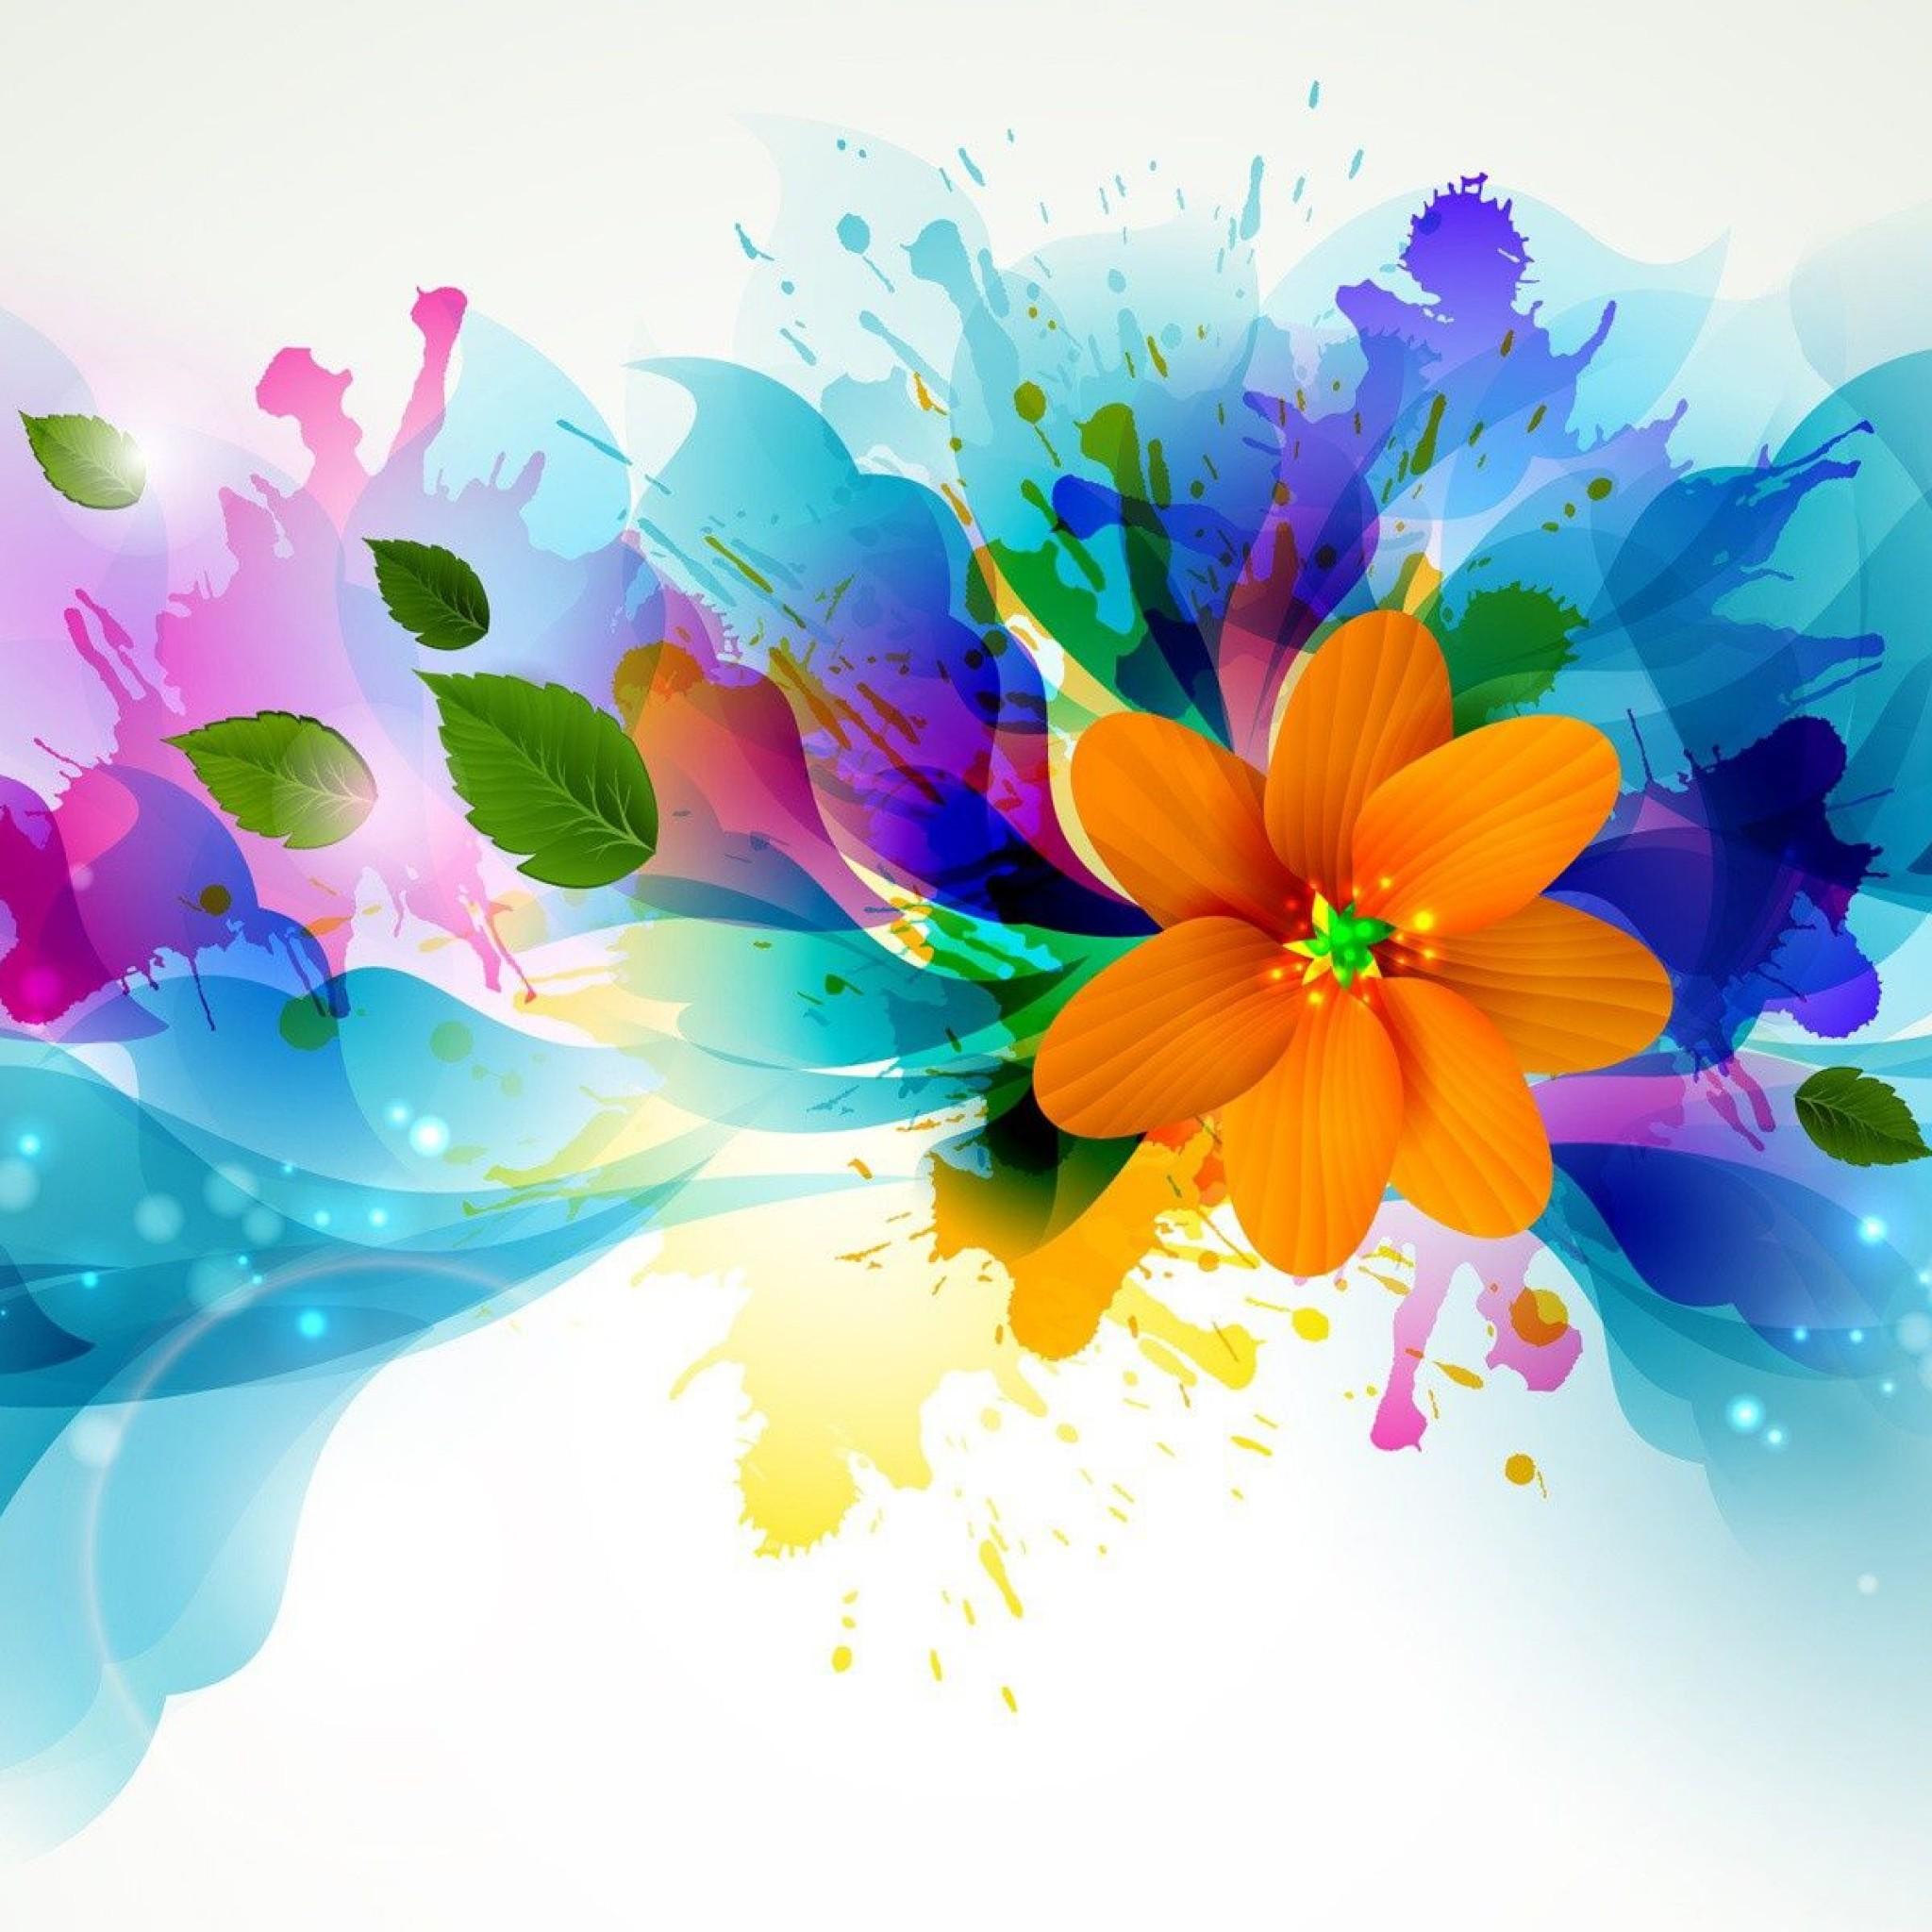 Modern Art Wallpaper: Abstract Flower Wallpaper